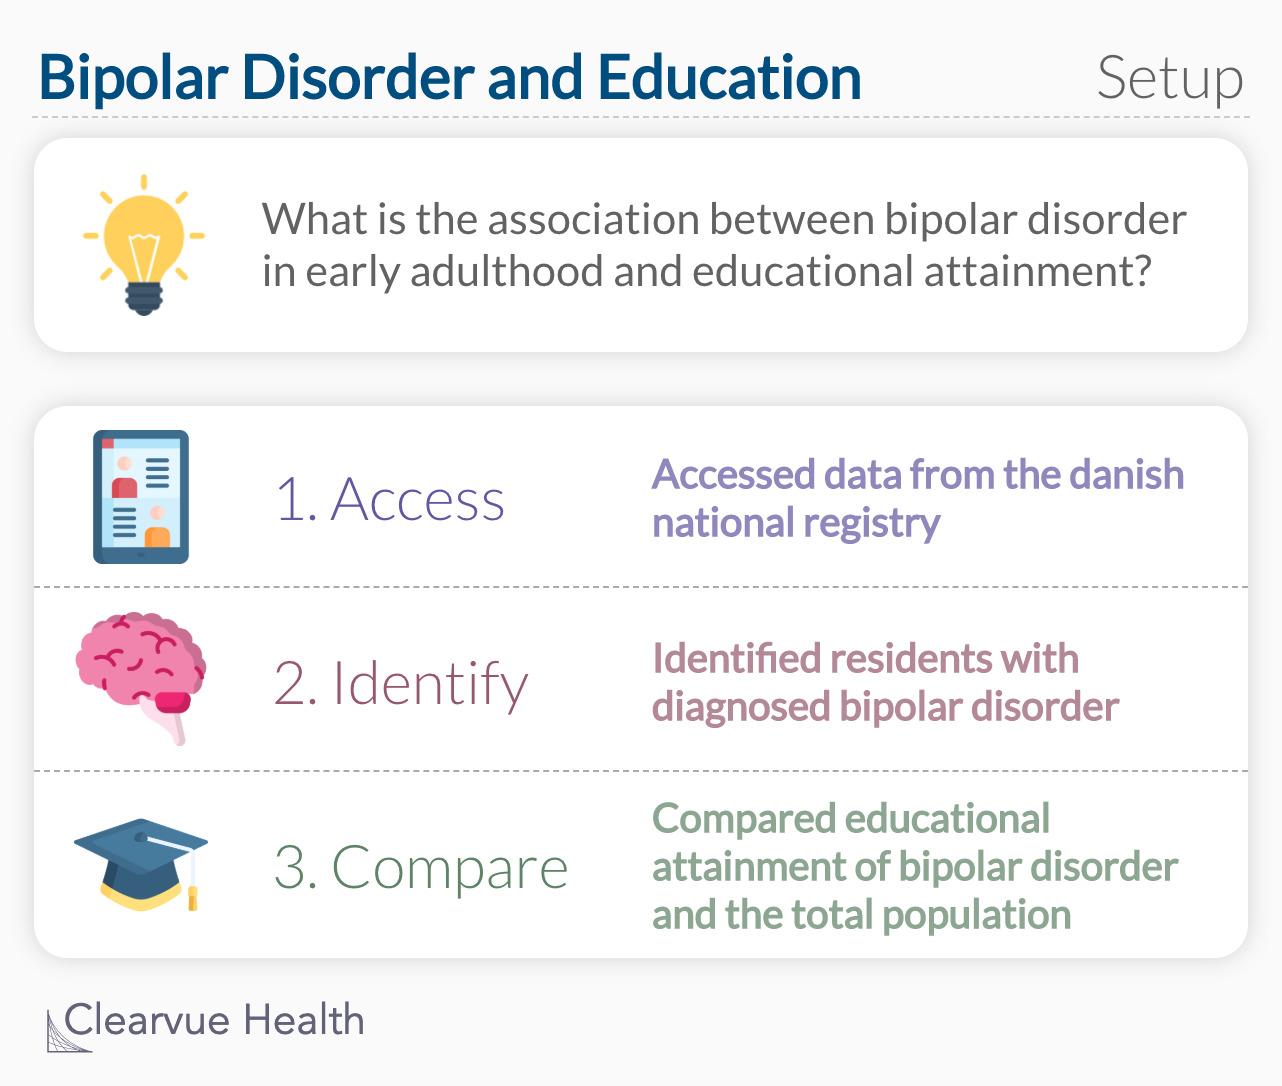 Bipolar Disorder and Education: Study Setup